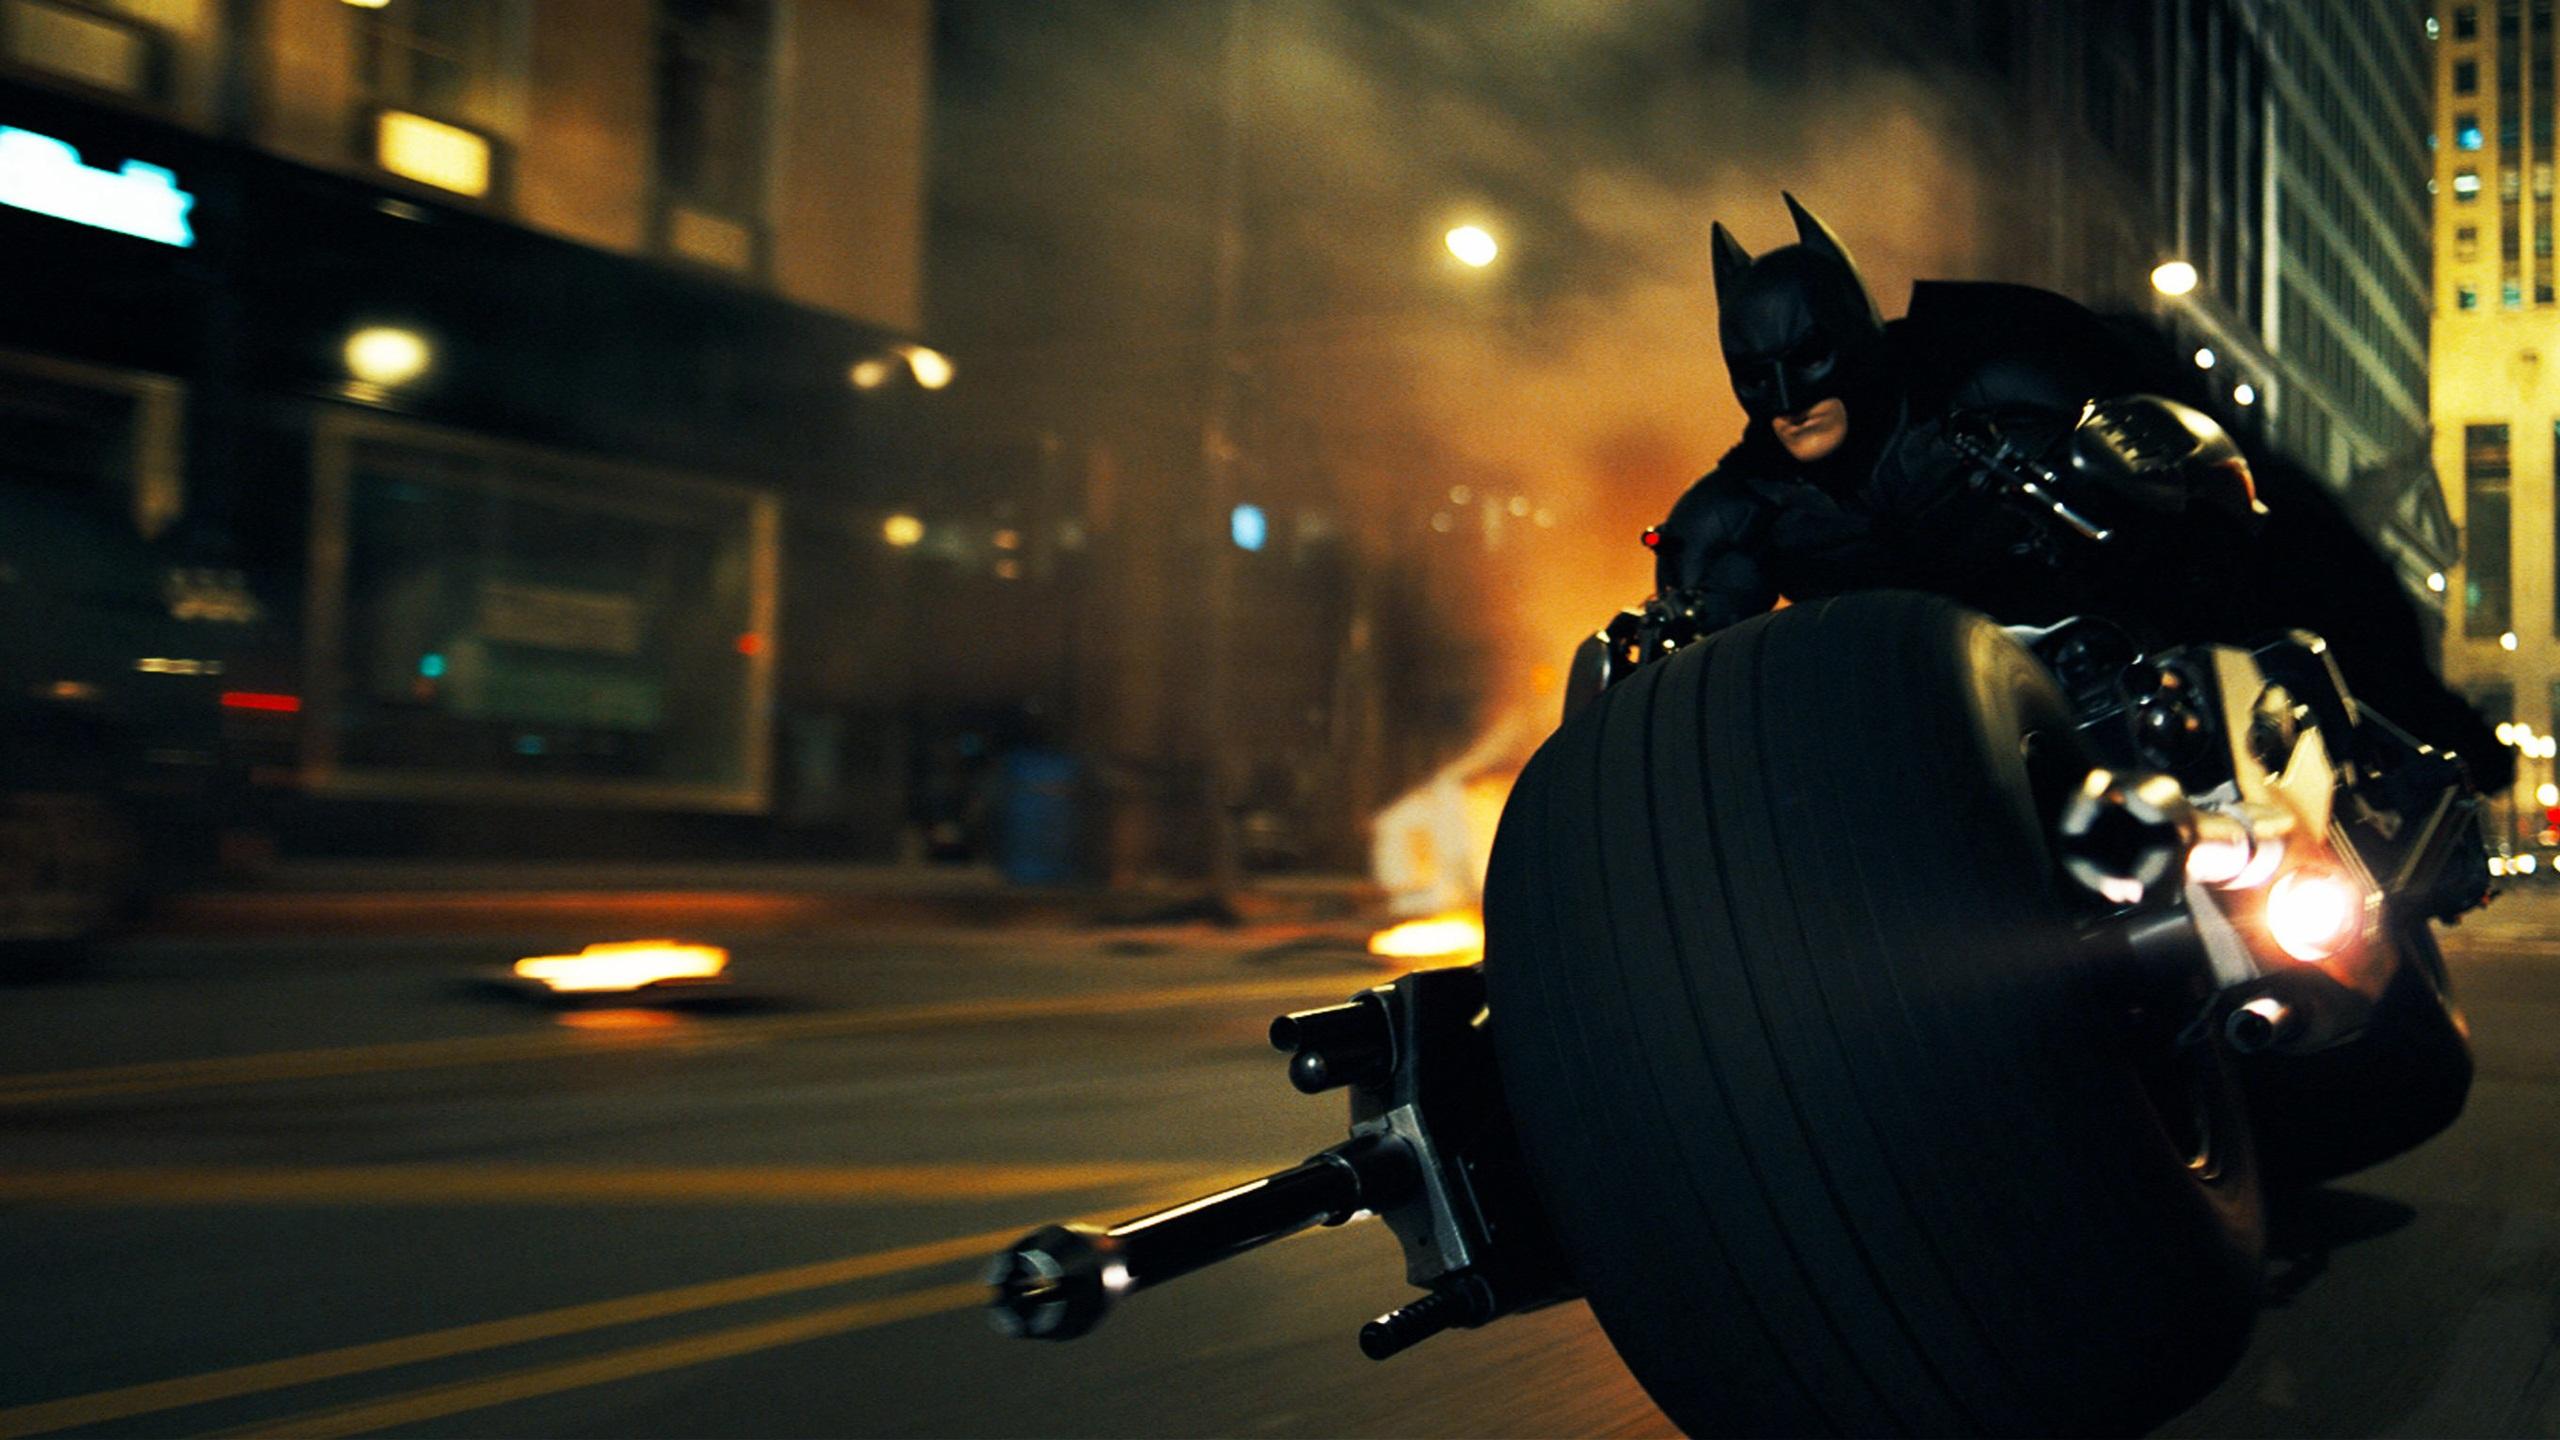 Lego batman 3 rise of brainiac dating 2